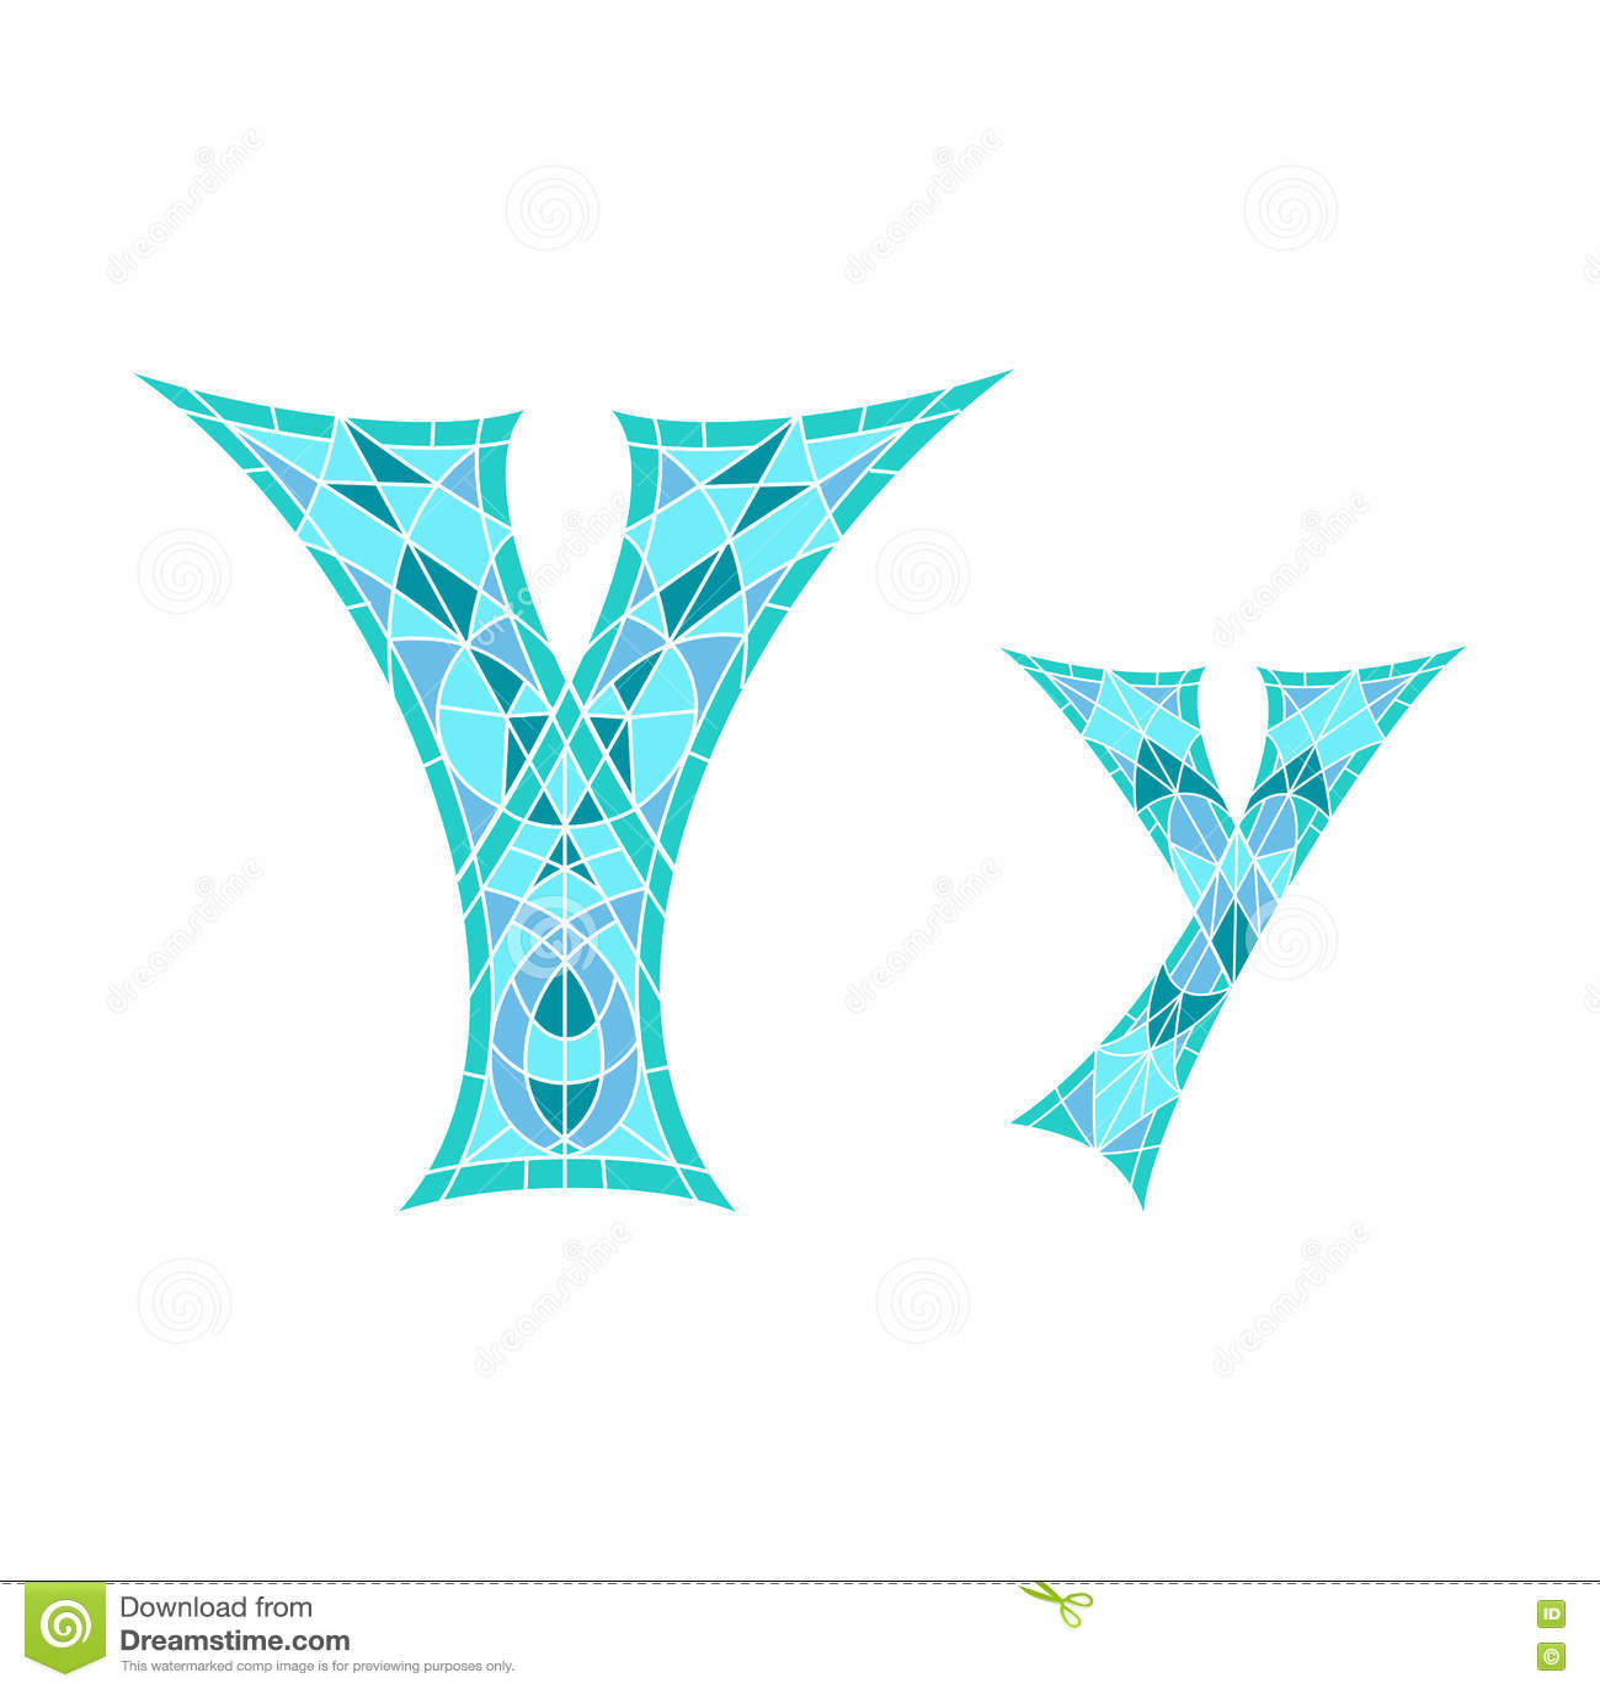 Χαμηλό πολυ γράμμα Υ στο μπλε πολύγωνο μωσαϊκών